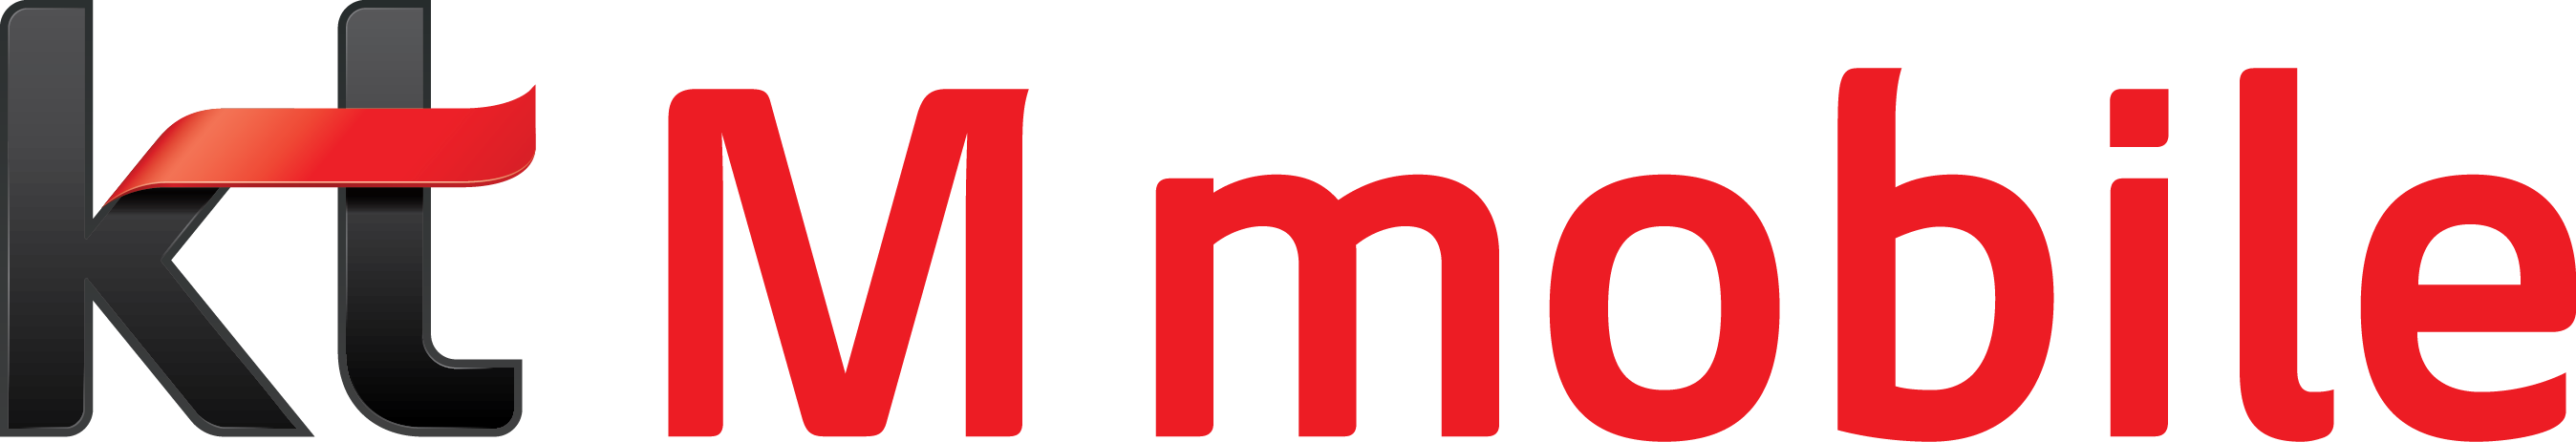 케이티의 계열사 (주)케이티엠모바일의 로고